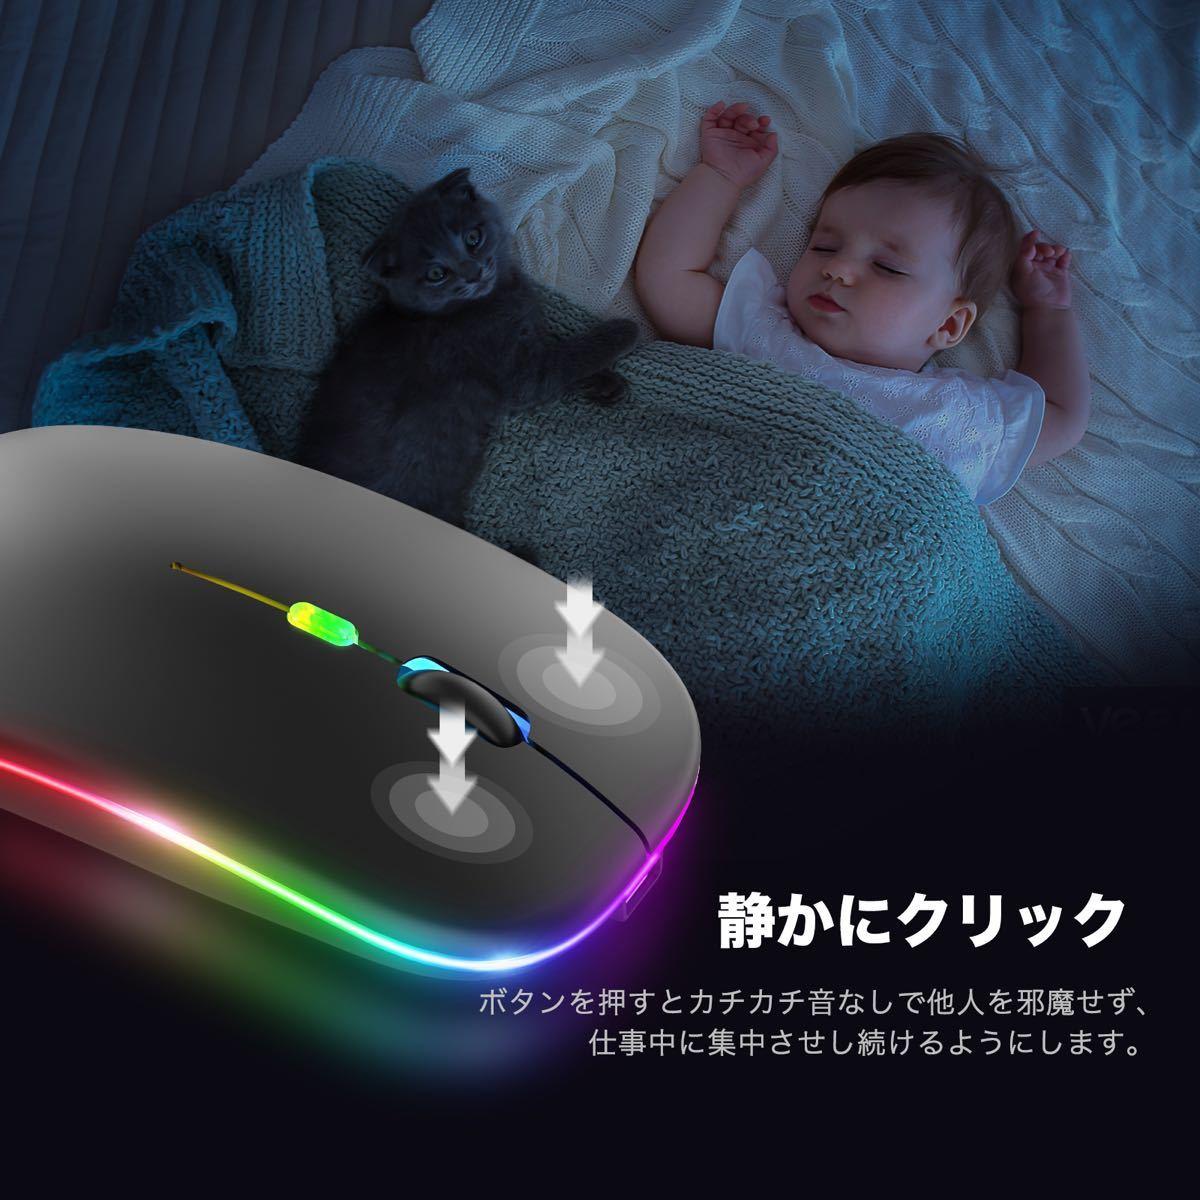 ワイヤレスマウス 静音 薄型 無線マウス 充電式 光学式 高感度 type-C変換アダプタ付 持ち運び便利